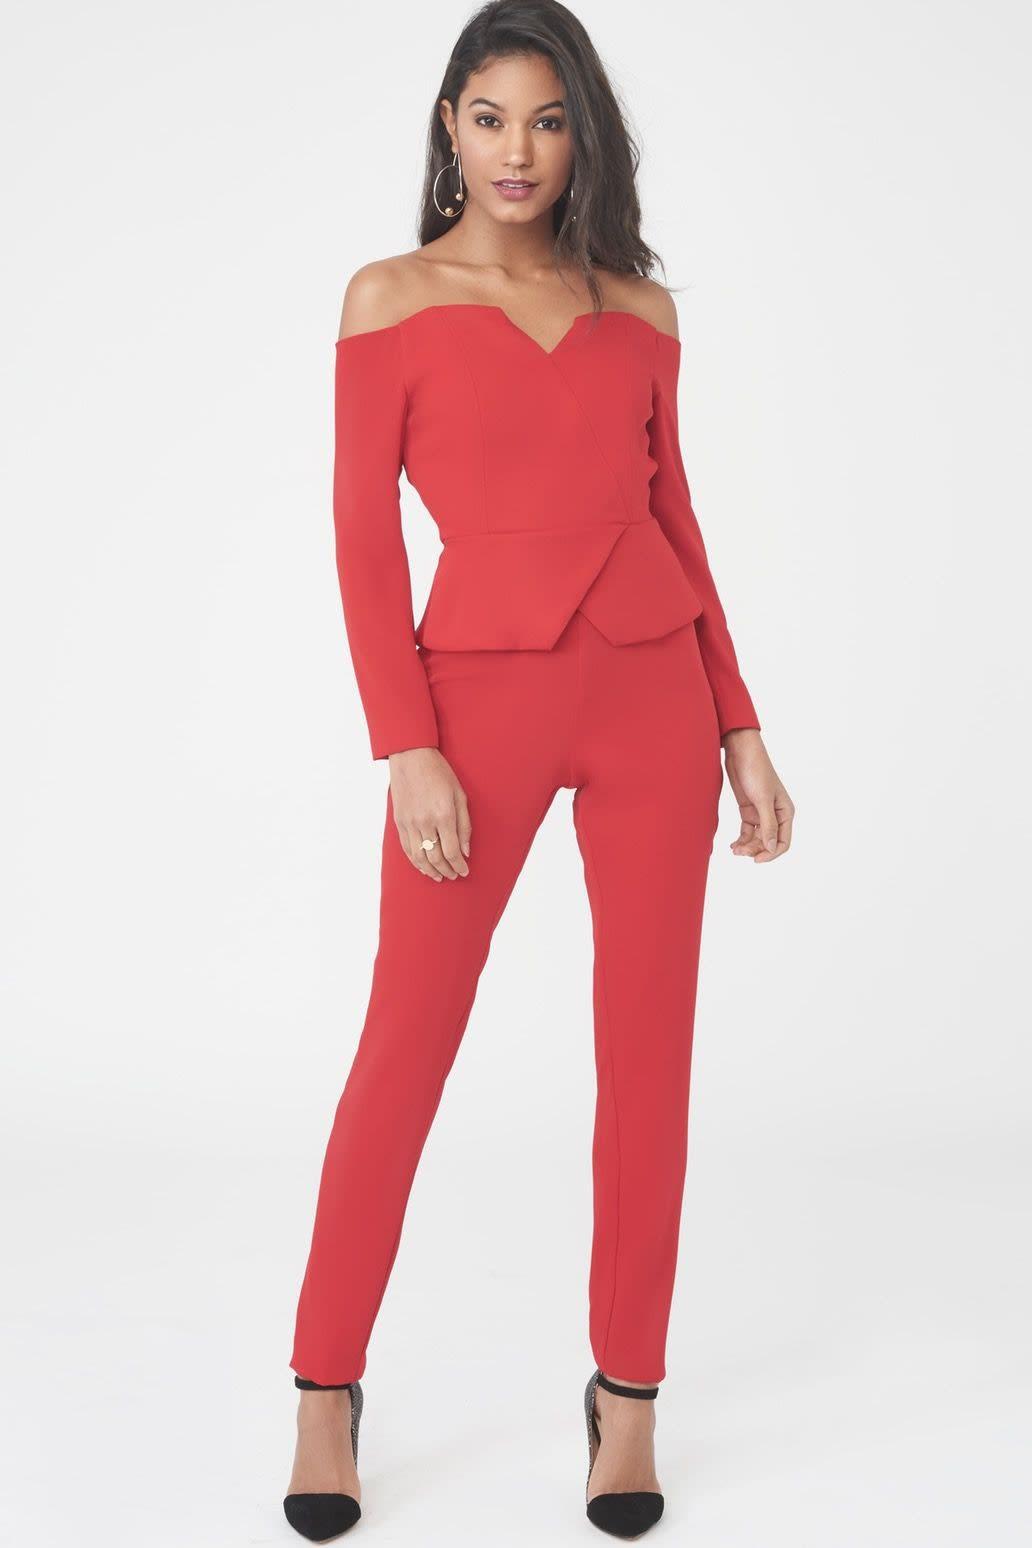 Off The Shoulder Blazer Jumpsuit in Red